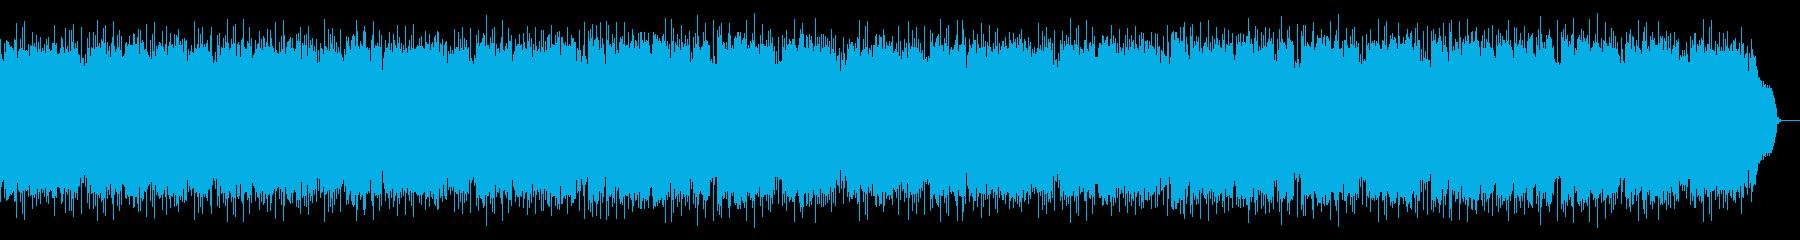 明るくウキウキするボサノバを奏でるSAXの再生済みの波形